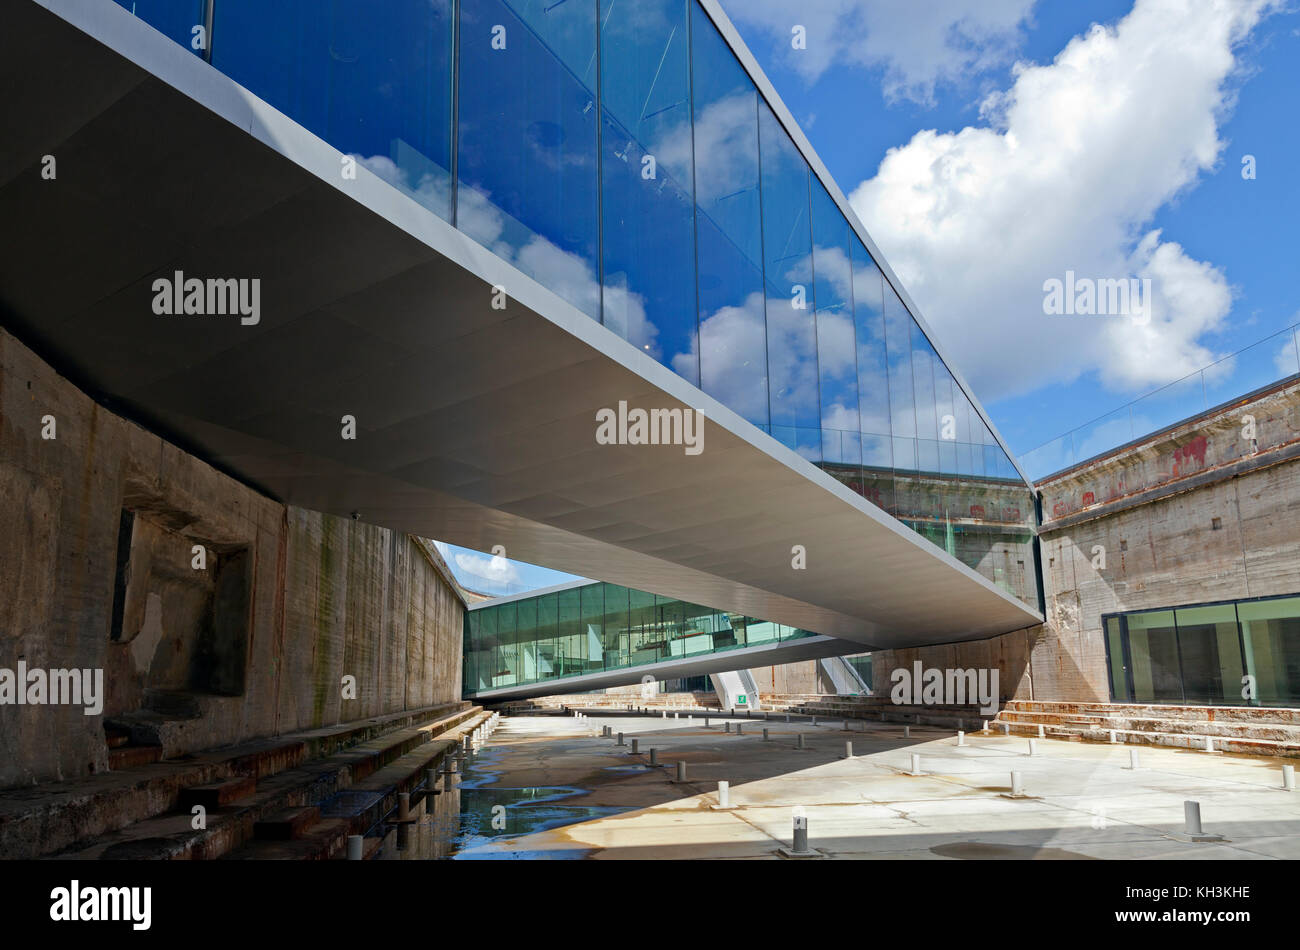 Le métro Musée maritime danois, M/S Museet pour Søfart, construit autour d'une ancienne cale sèche. Helsingør Elseneur / Danemark. L'architecte Bjarke Ingels BIG Banque D'Images